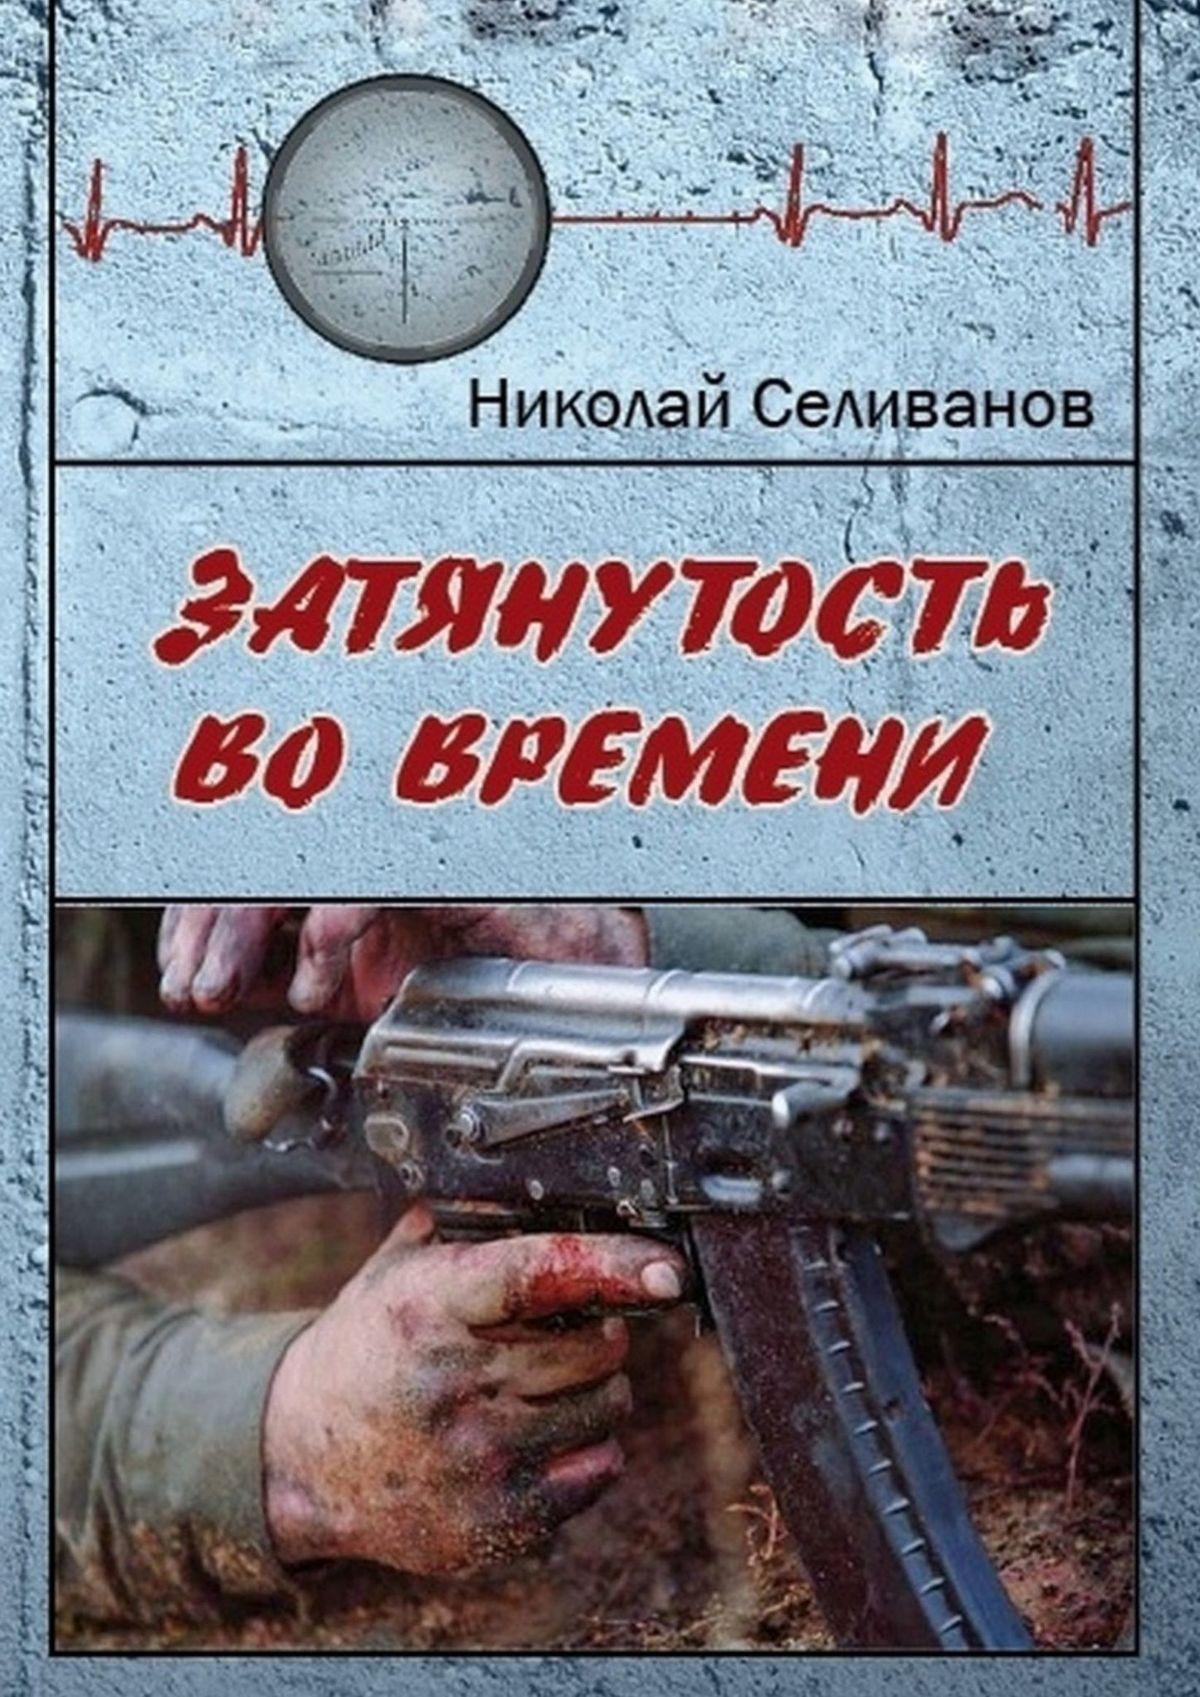 Затянутость во времени. Документальная повесть о событиях второй чеченской кампании